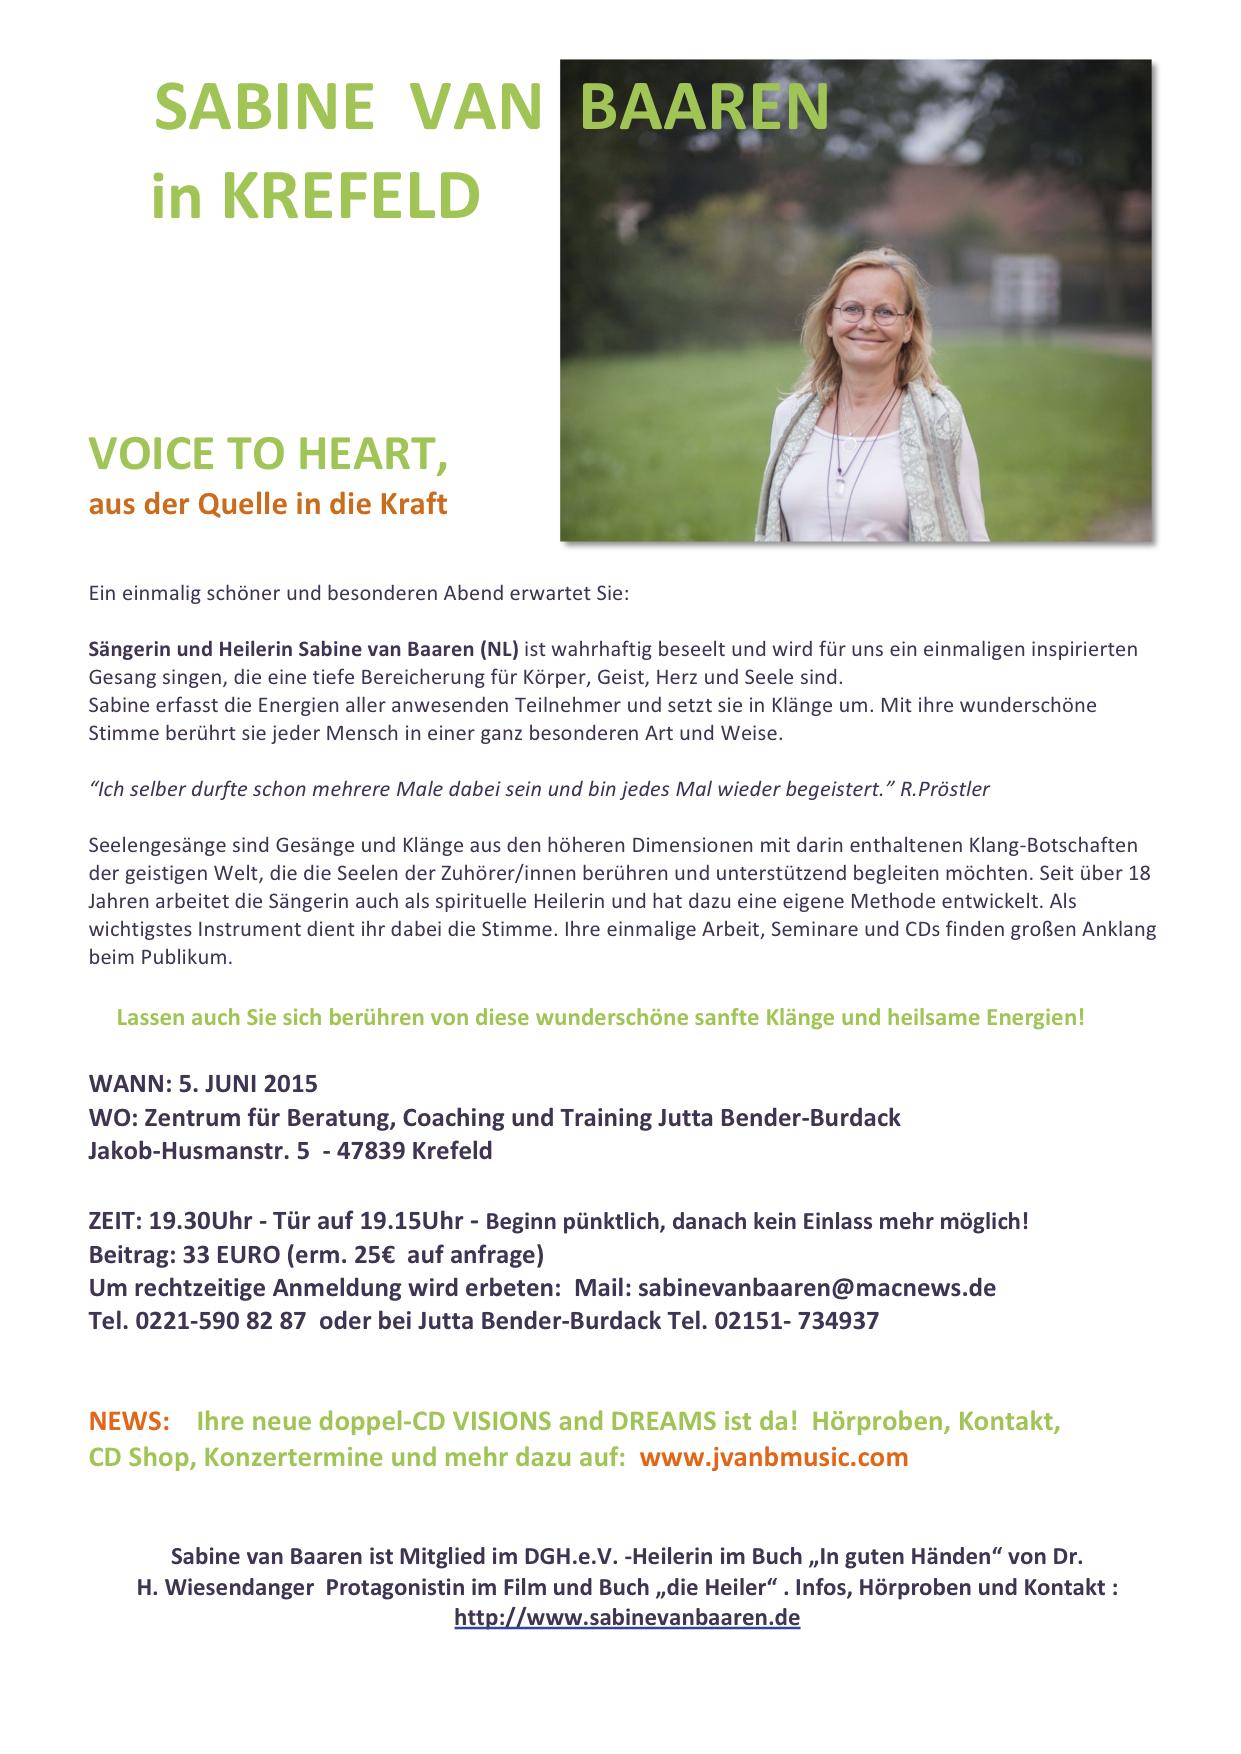 Voice to Heart -aus der Quelle in die Kraft